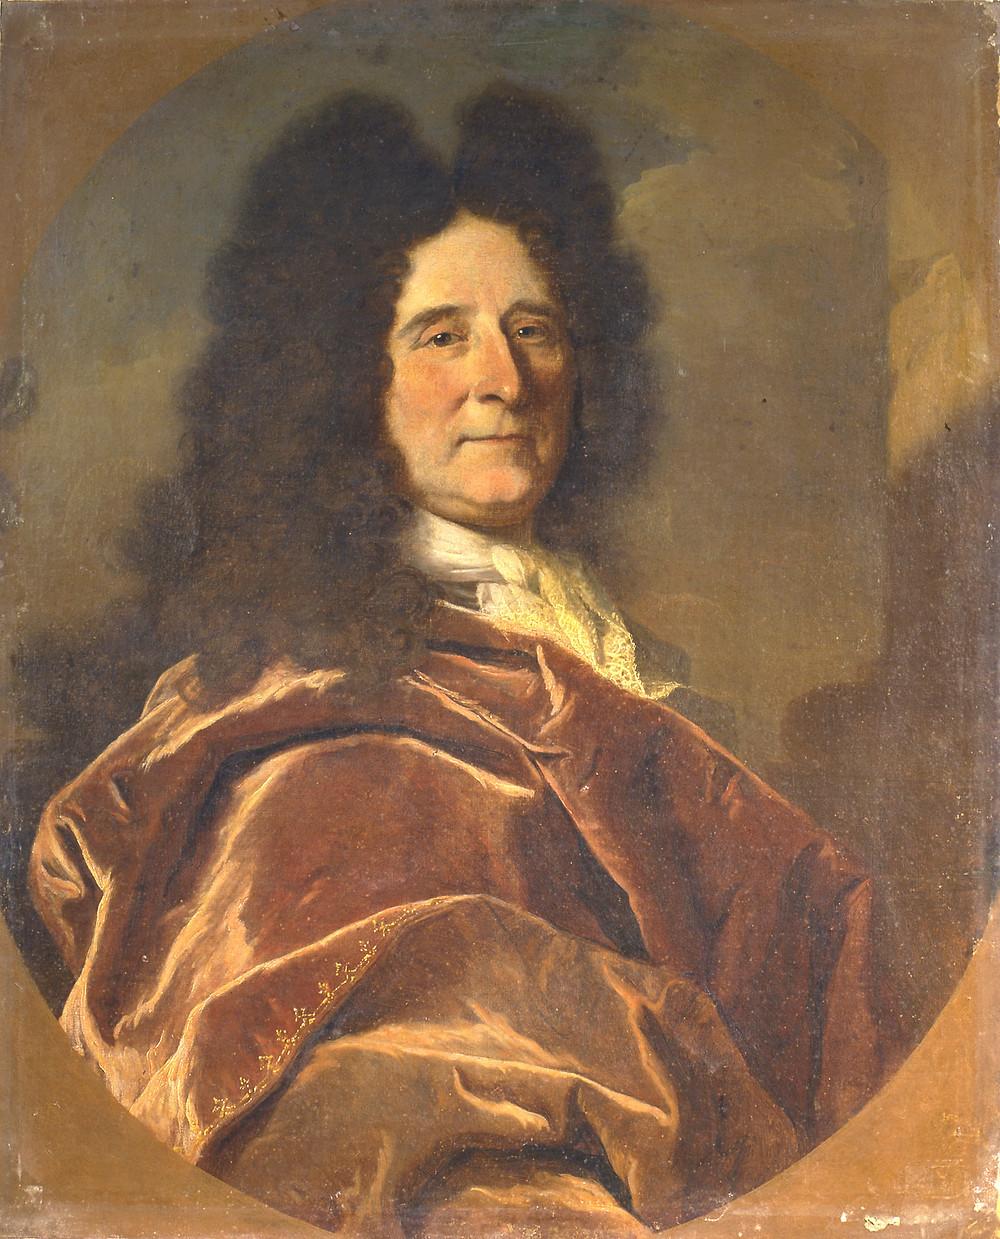 Hyacinthe Rigaud, Portrait du peintre Antoine Ranc, 1696, Narbonne, musée d'Art et d'Histoire, inv. 859.3.27